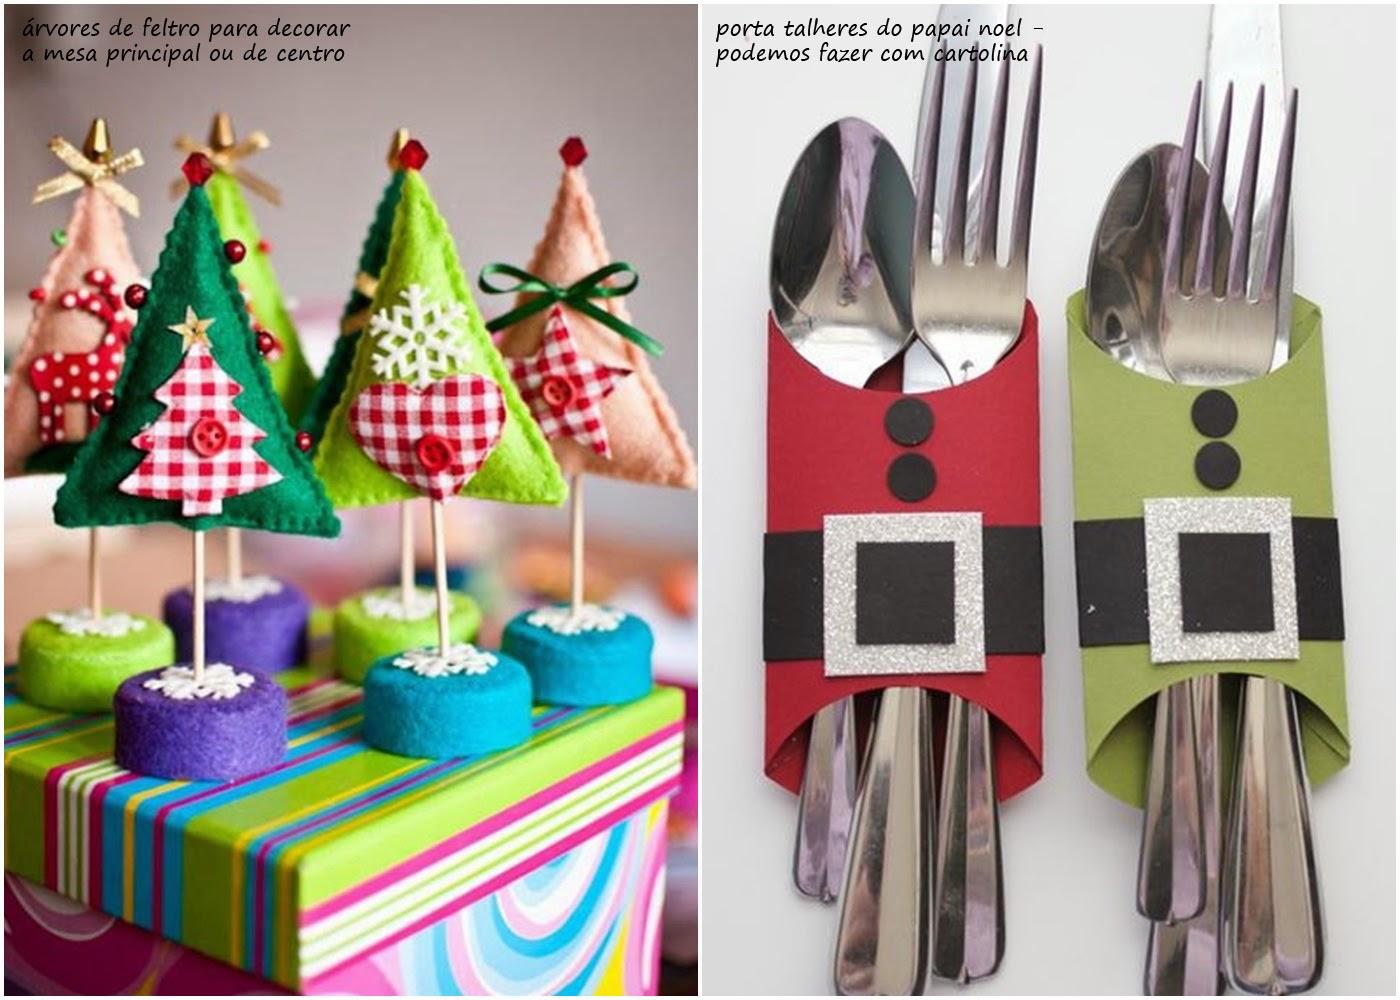 decoracao de arvore de natal simples e barata : decoracao de arvore de natal simples e barata:é bem simples e barata . Vejam que fofo essas árvores de feltro e